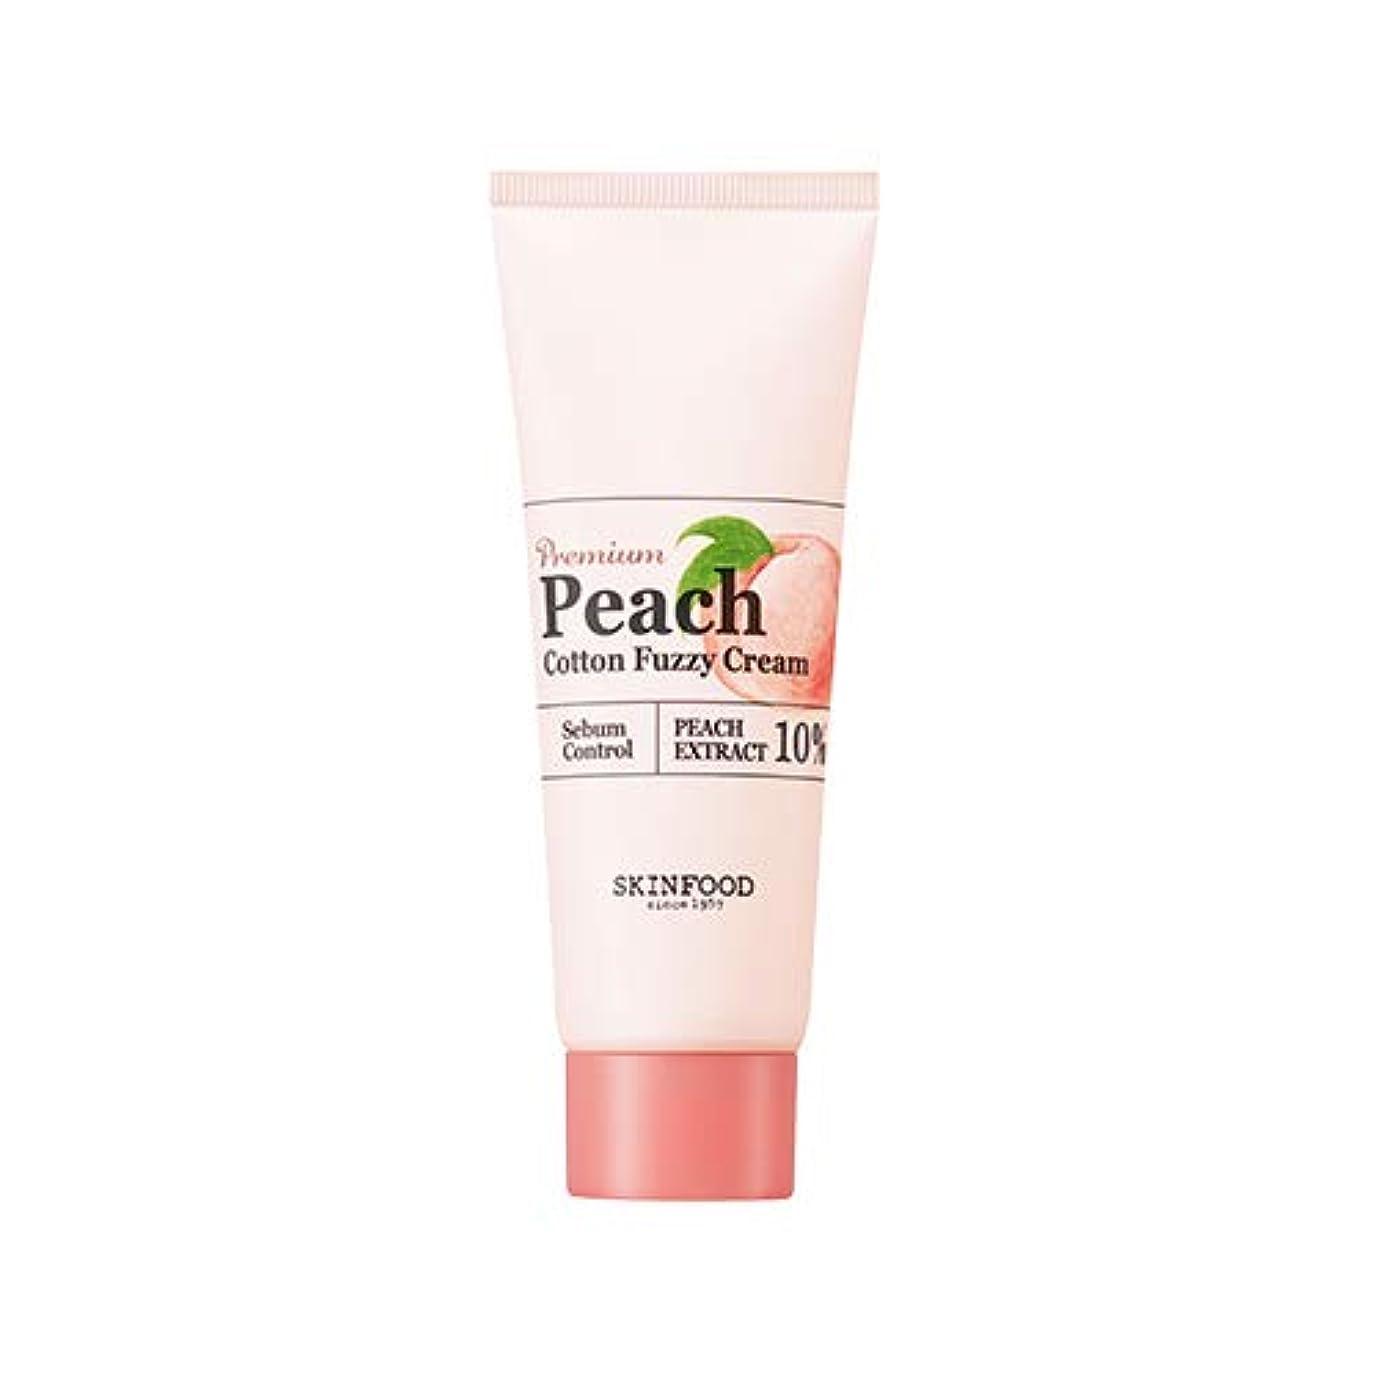 投票セレナ油Skinfood プレミアムピーチコットンファジークリーム/Premium Peach Cotton Fuzzy Cream 65ml [並行輸入品]